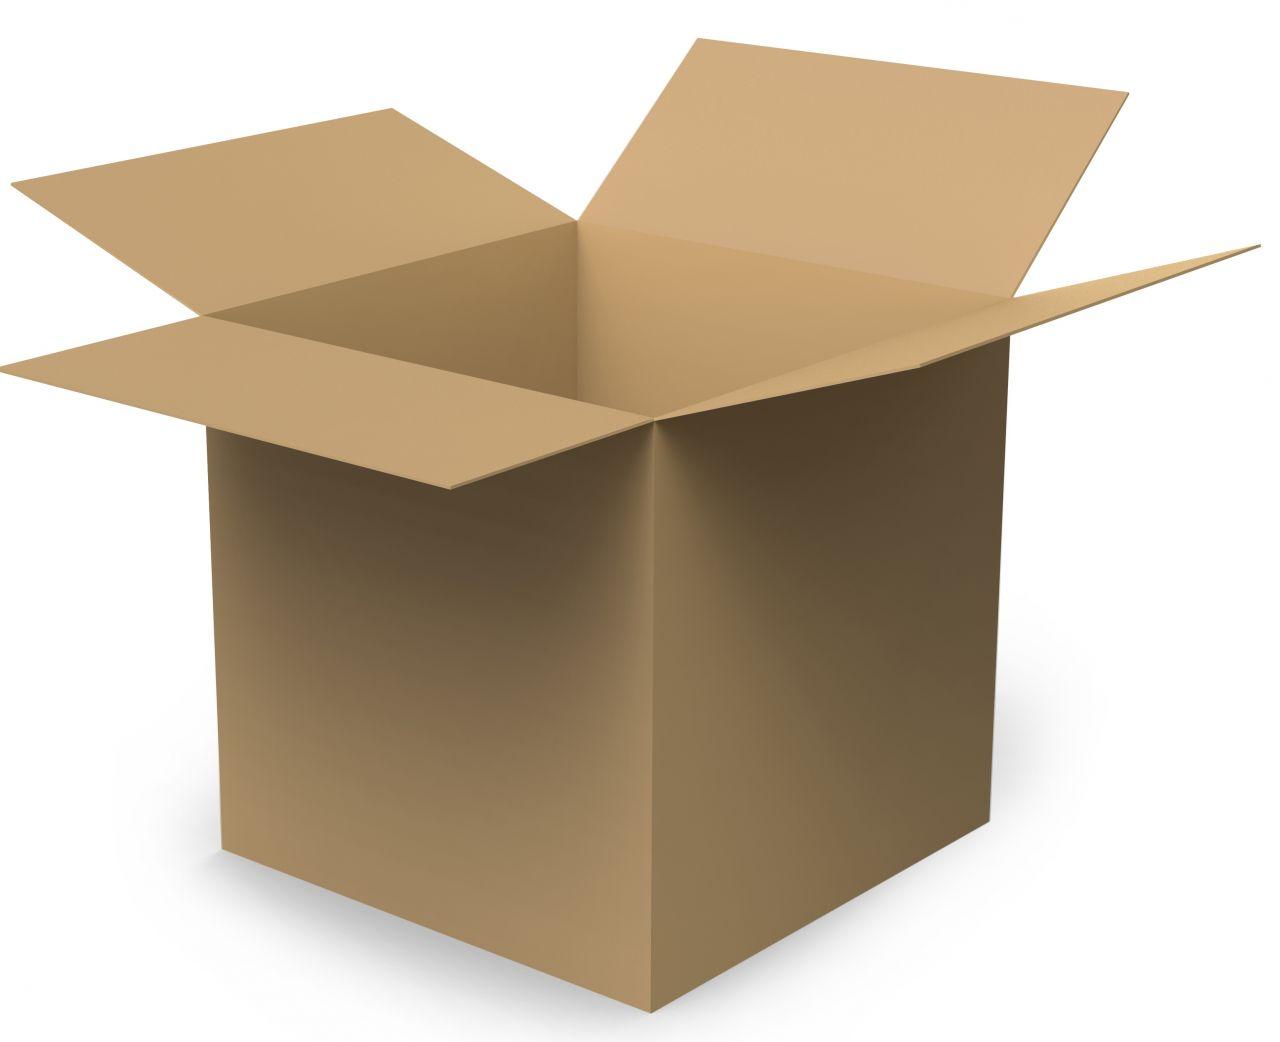 Csomagoló doboz TFL 230*230*260 mm 25 db/köteg